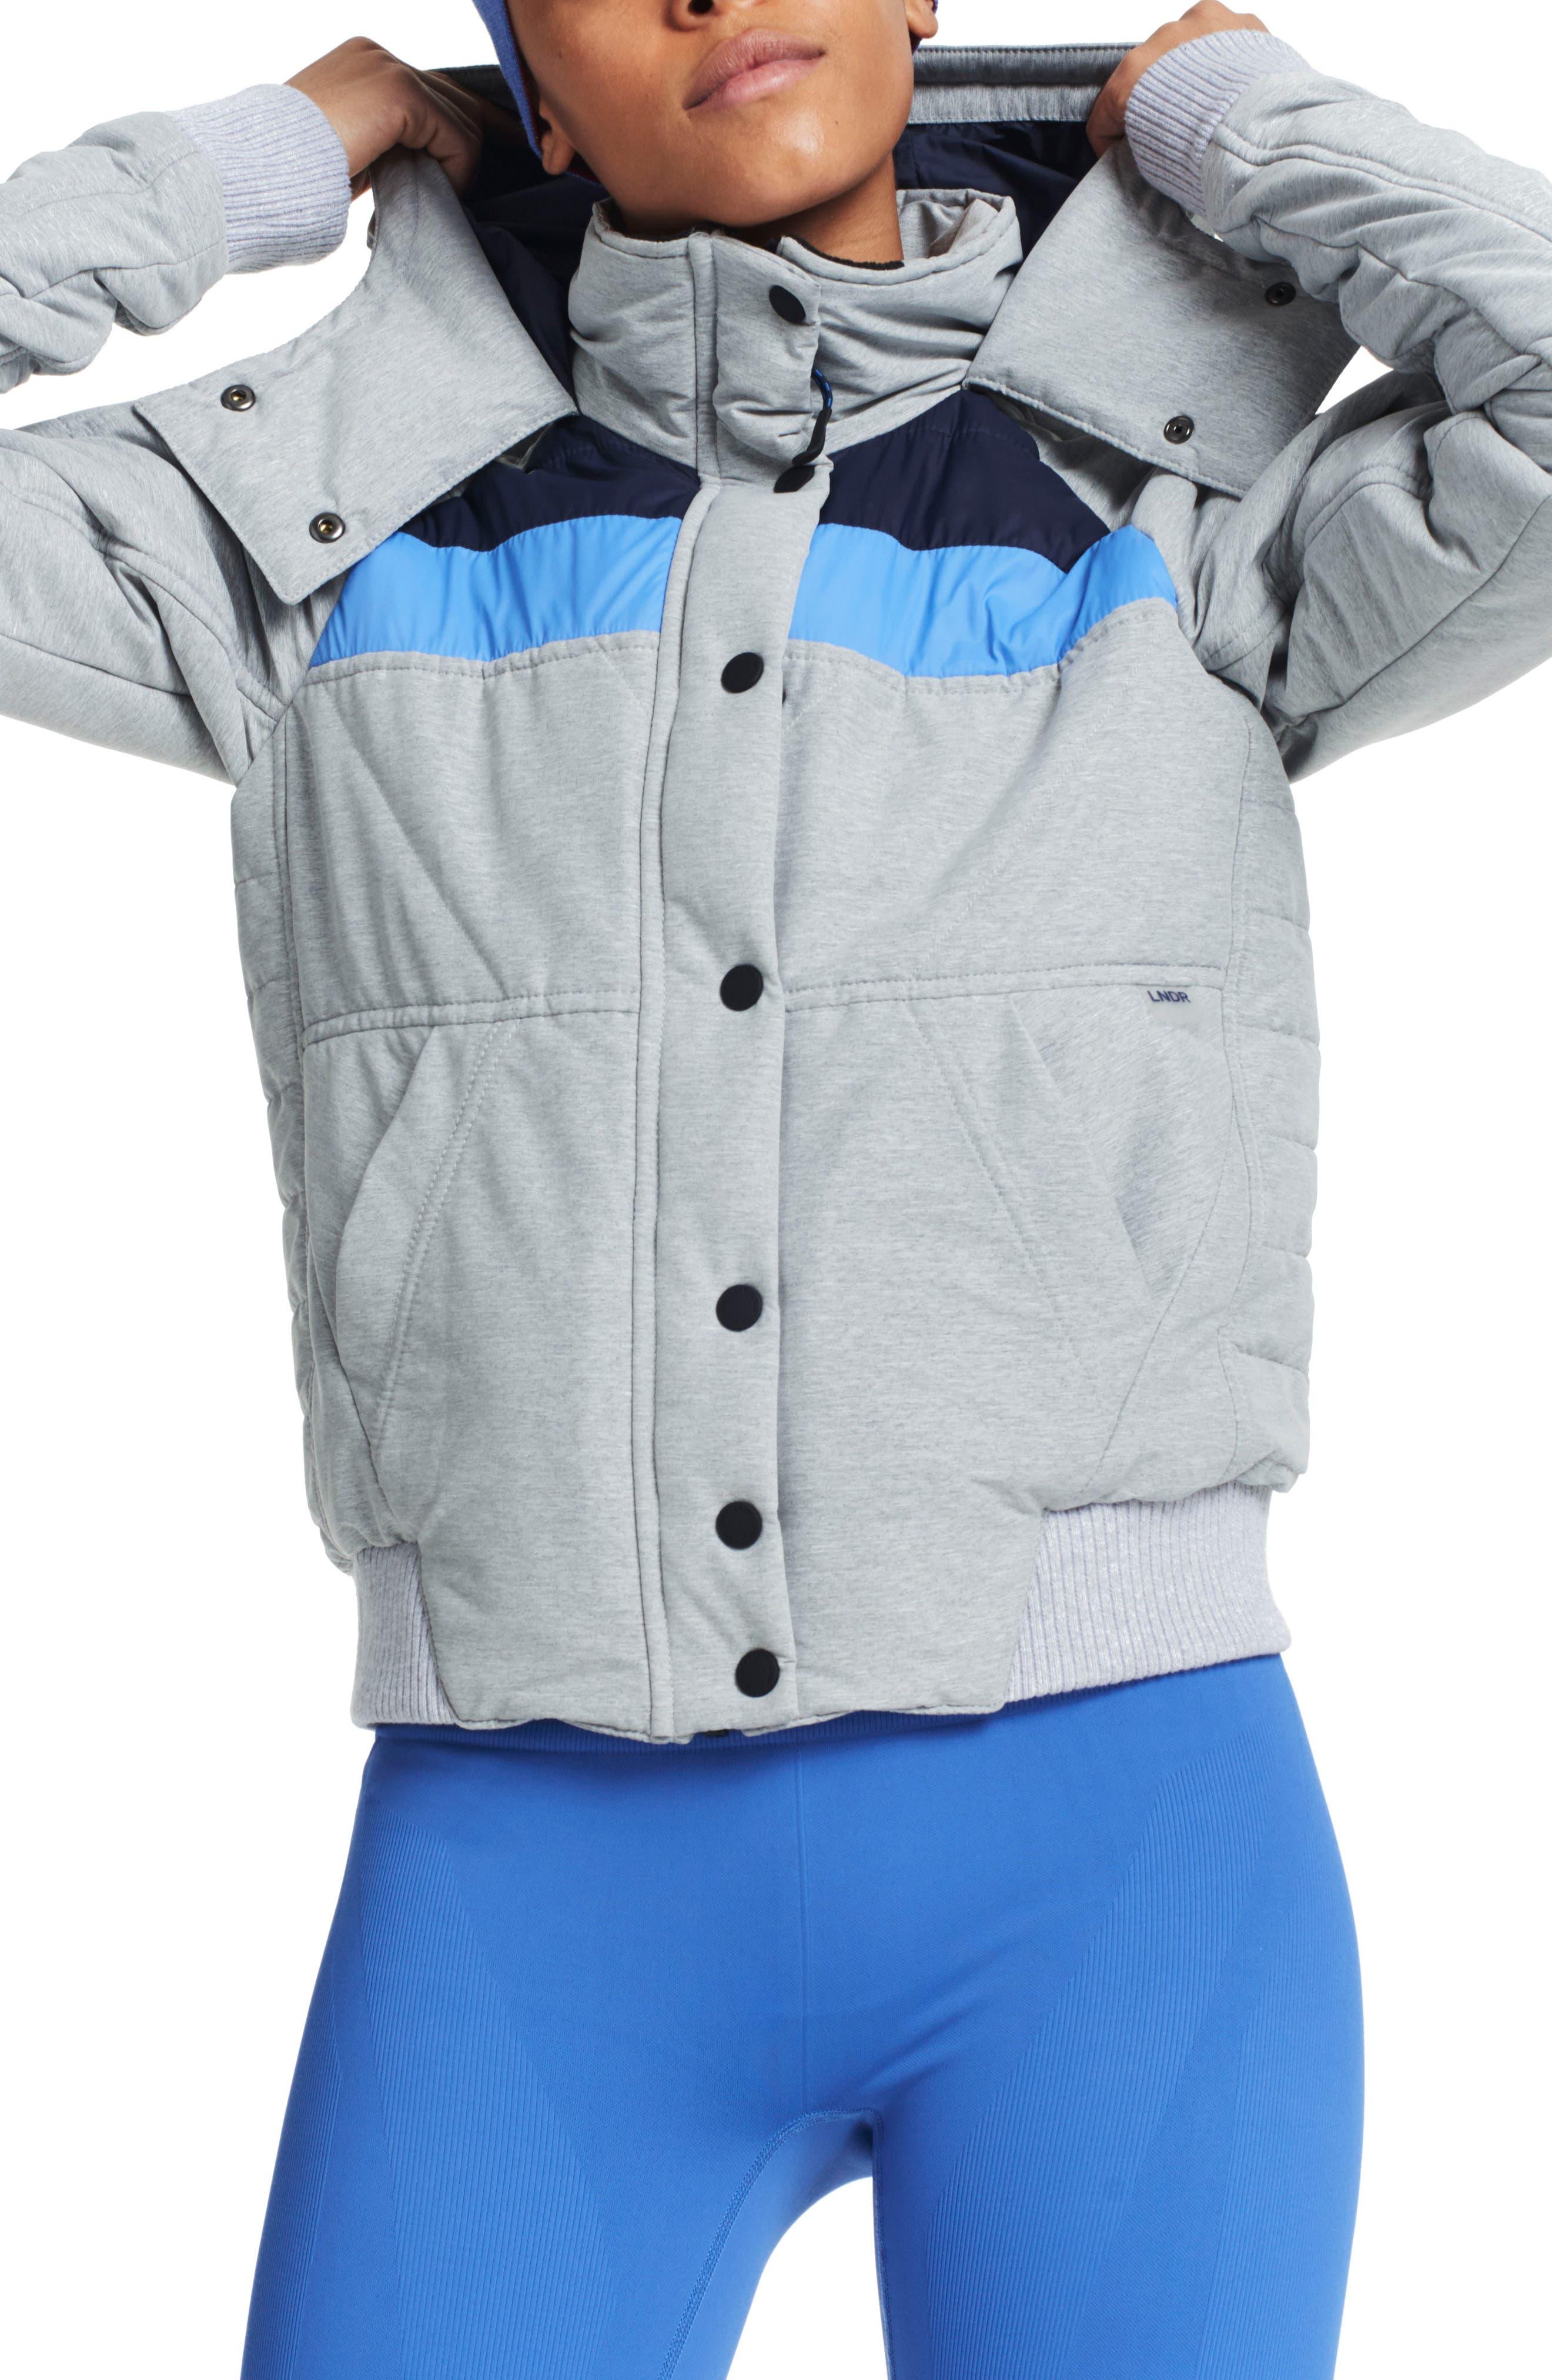 Winterbreaker Puffer Jacket,                             Main thumbnail 1, color,                             Grey Marl